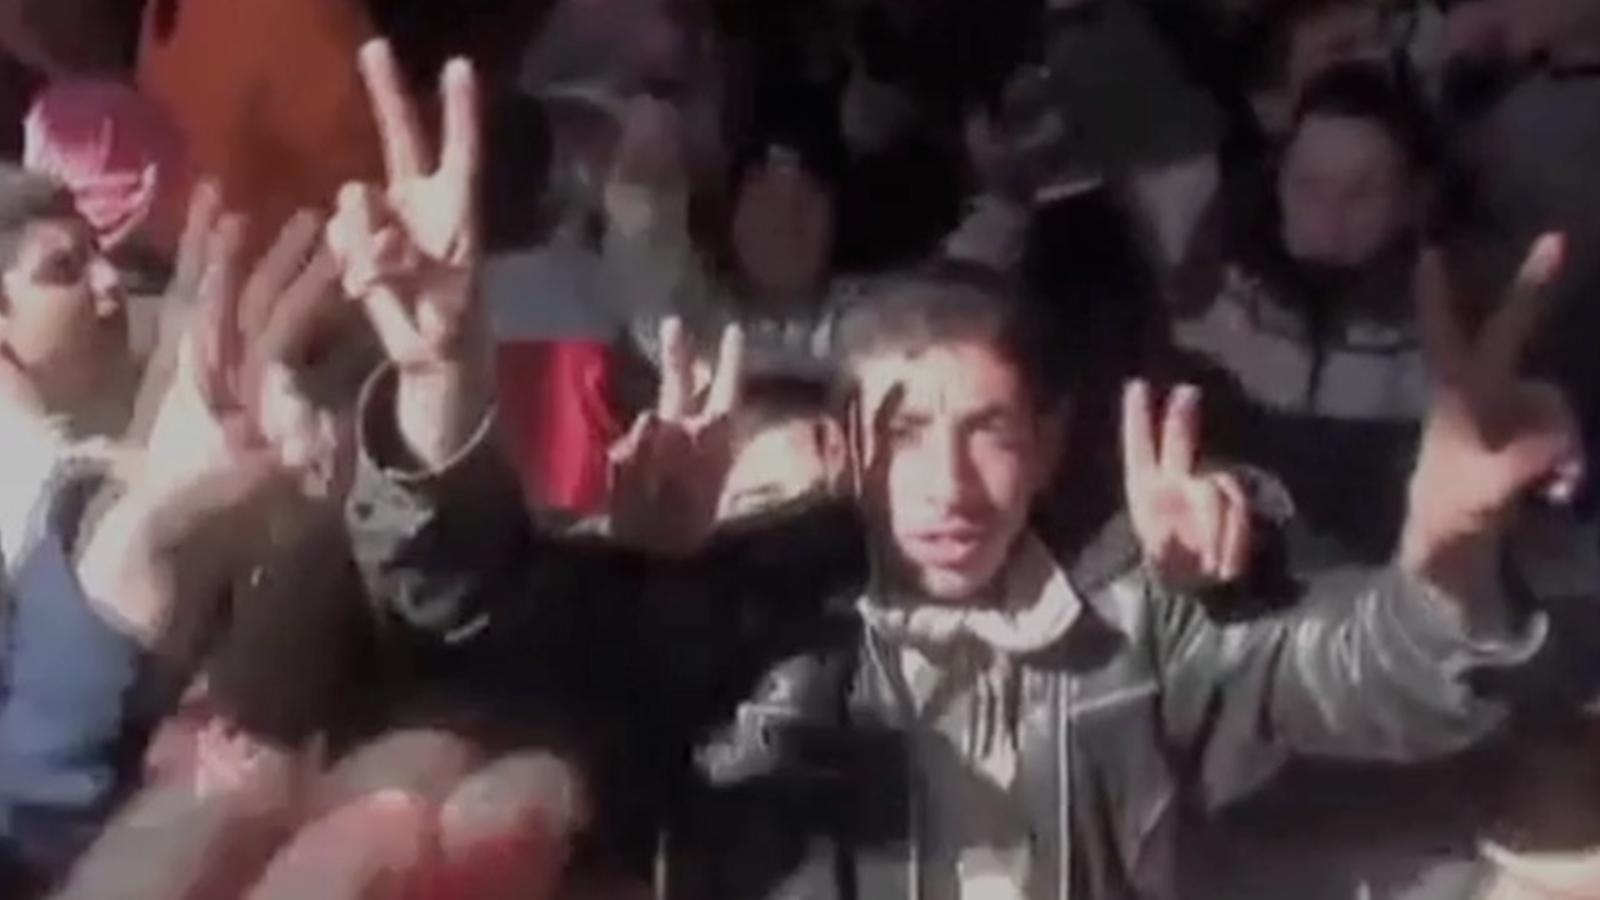 Els soldats d'Al-Assad ataquen una protesta pacífica a Rastan